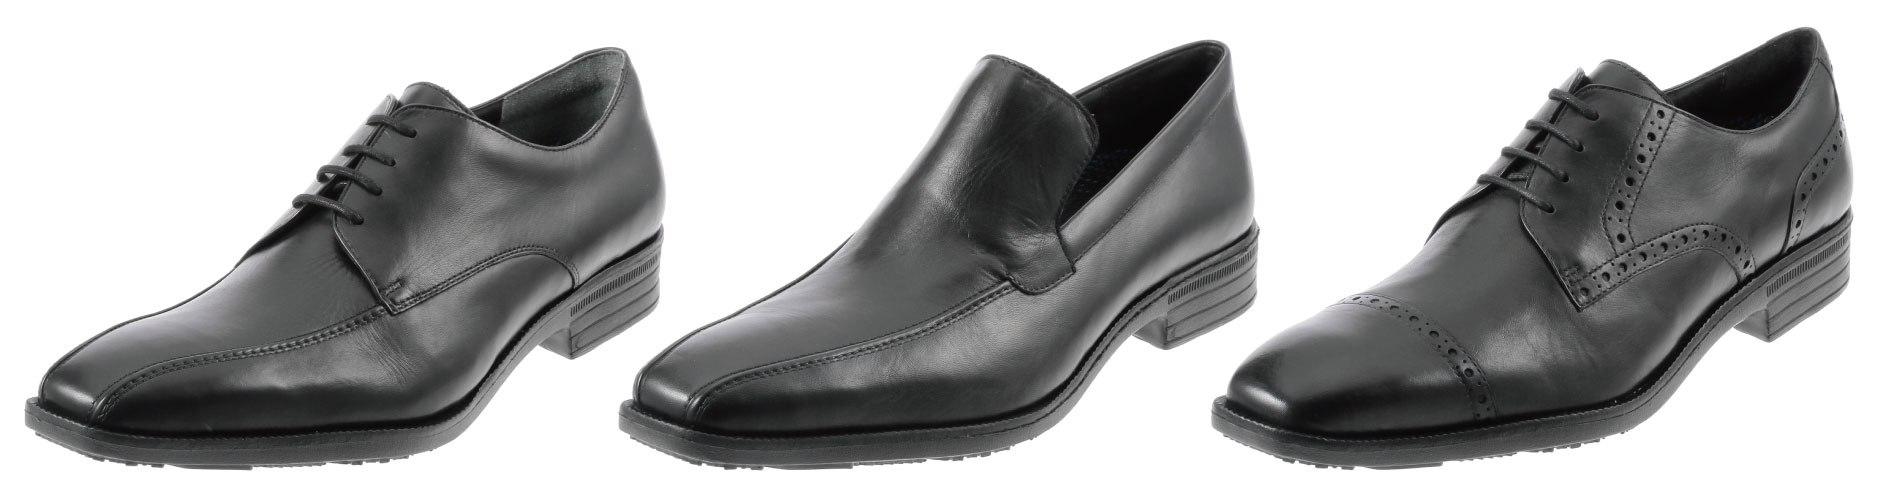 ビジネスマンに朗報、春の新生活を前に実施 履き心地にこだわった本革紳士靴を4990円で販売 「大量発注・一括納品・売り切り型」で徹底した低コスト化 2013年3月20日(水・祝)一斉販売開始